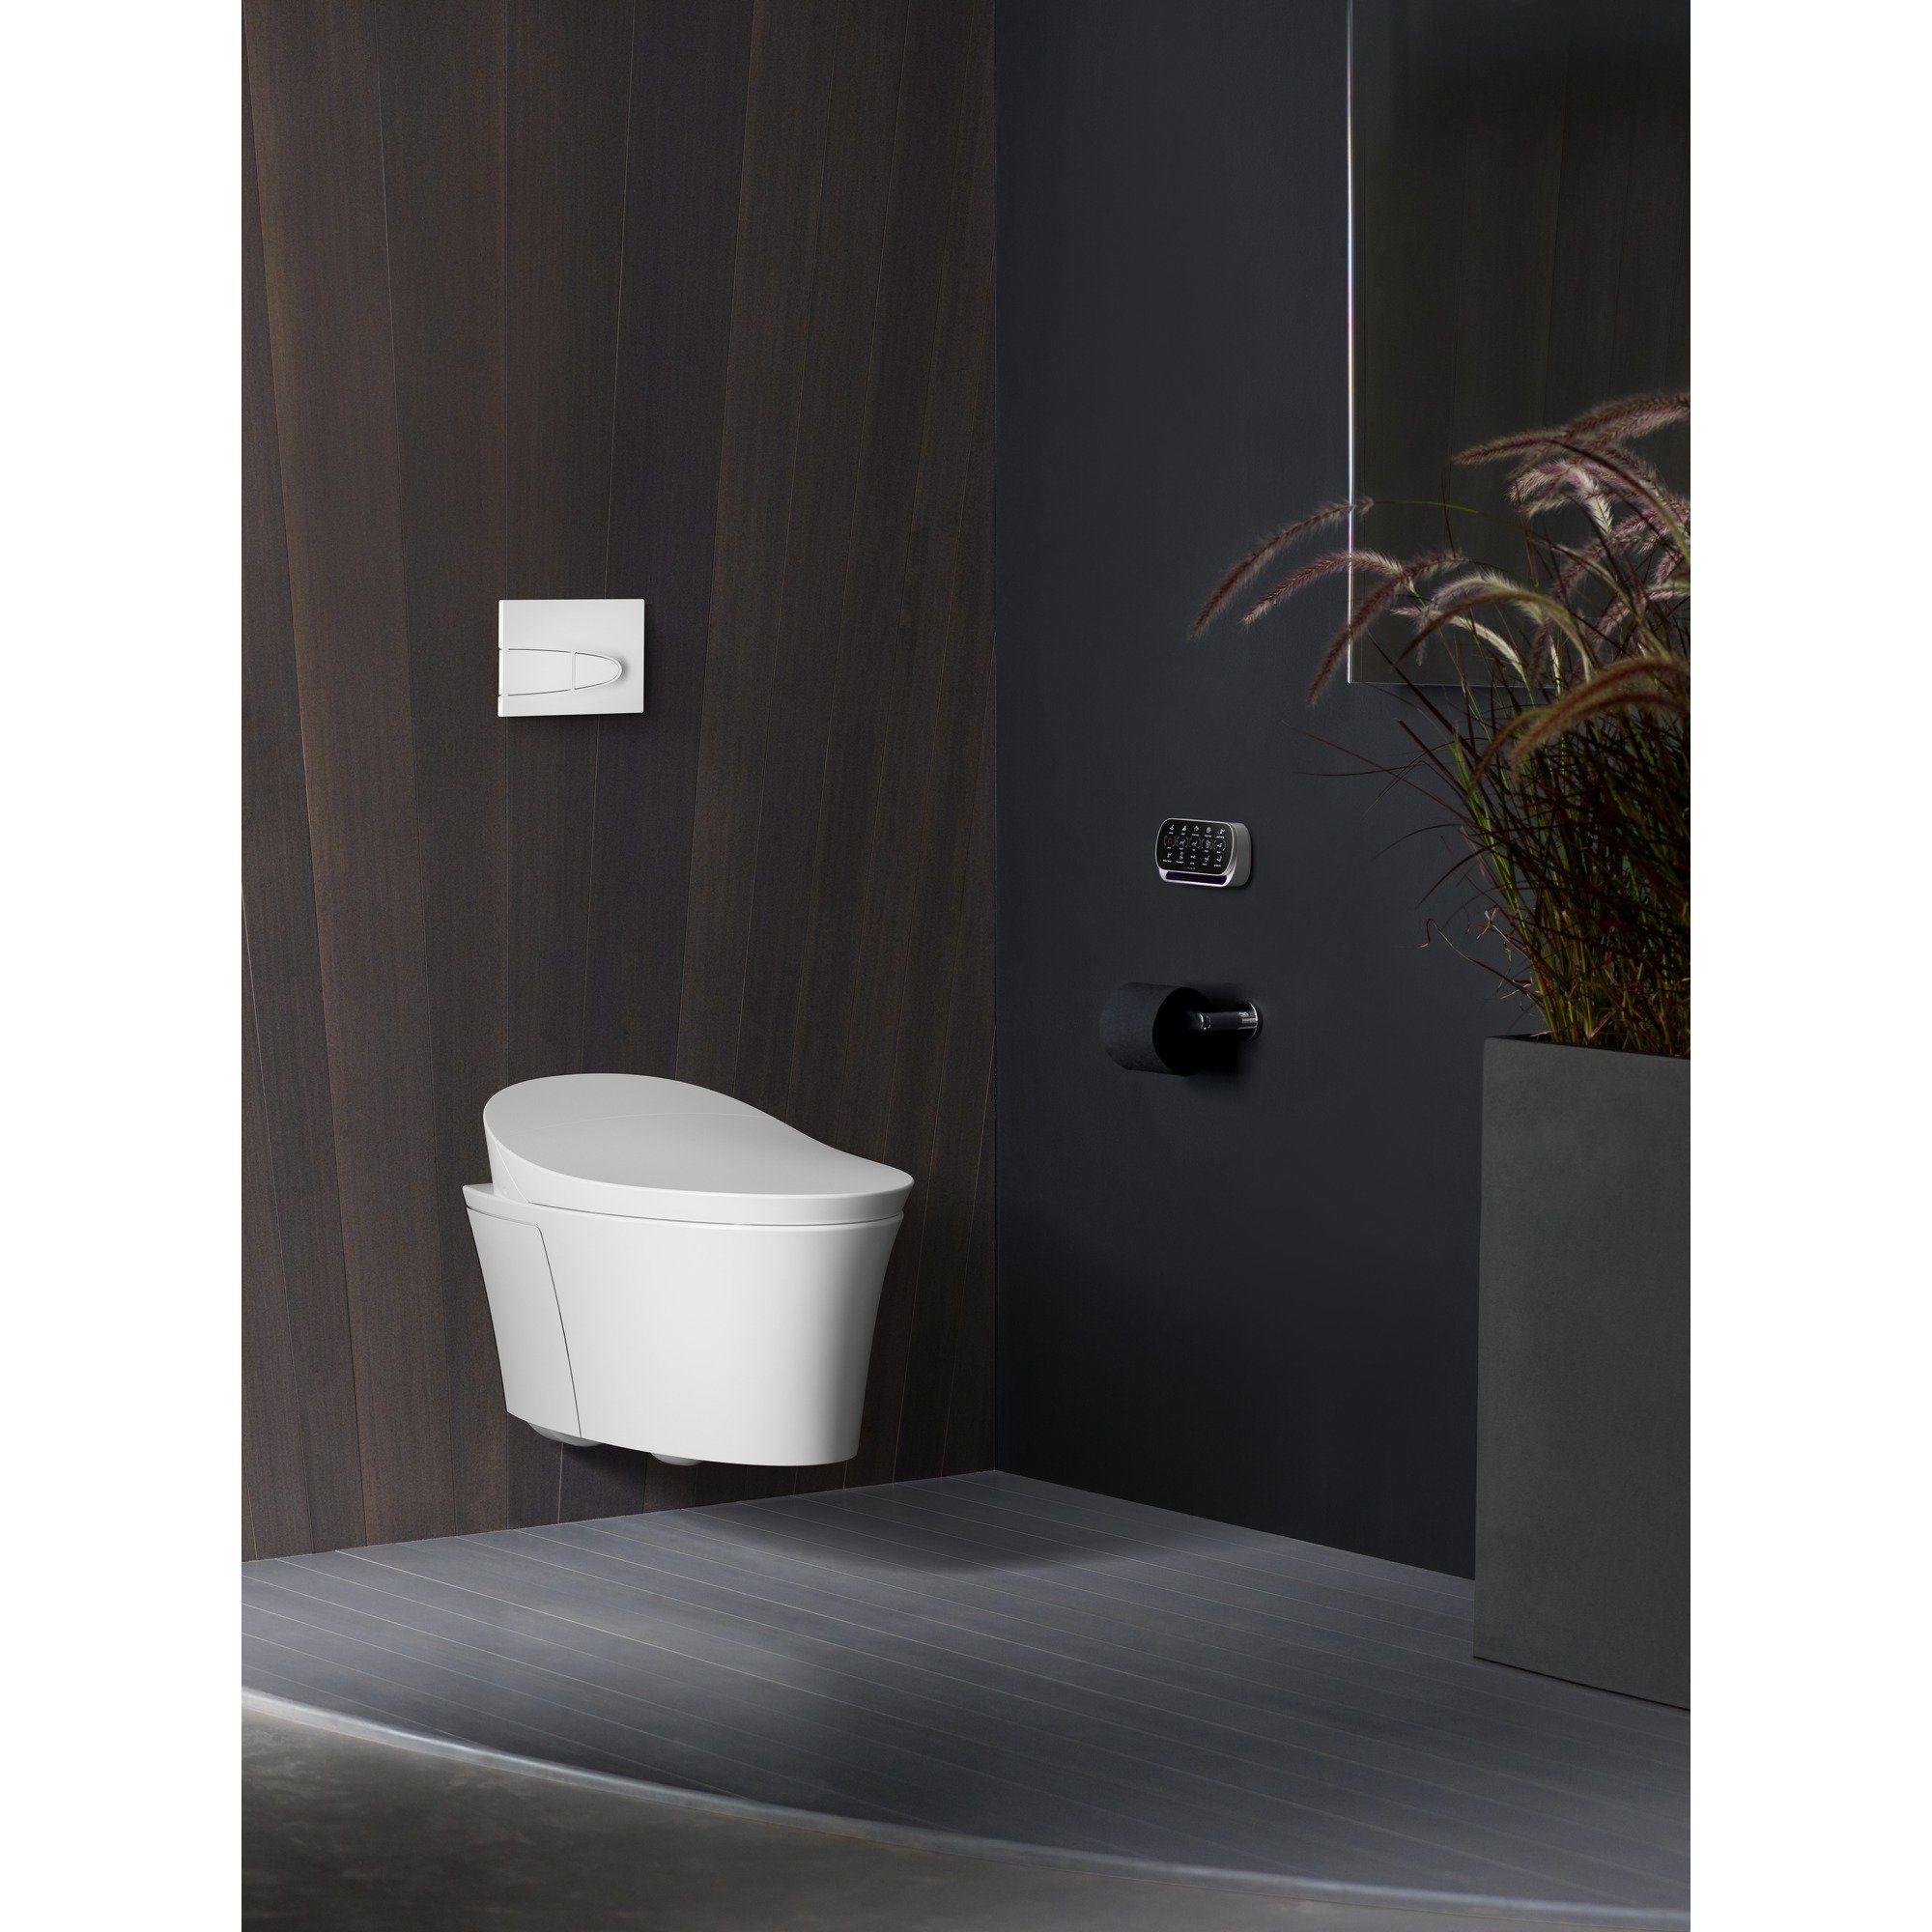 Kohler Veil Intelligent Wall Hung Toilet toilet